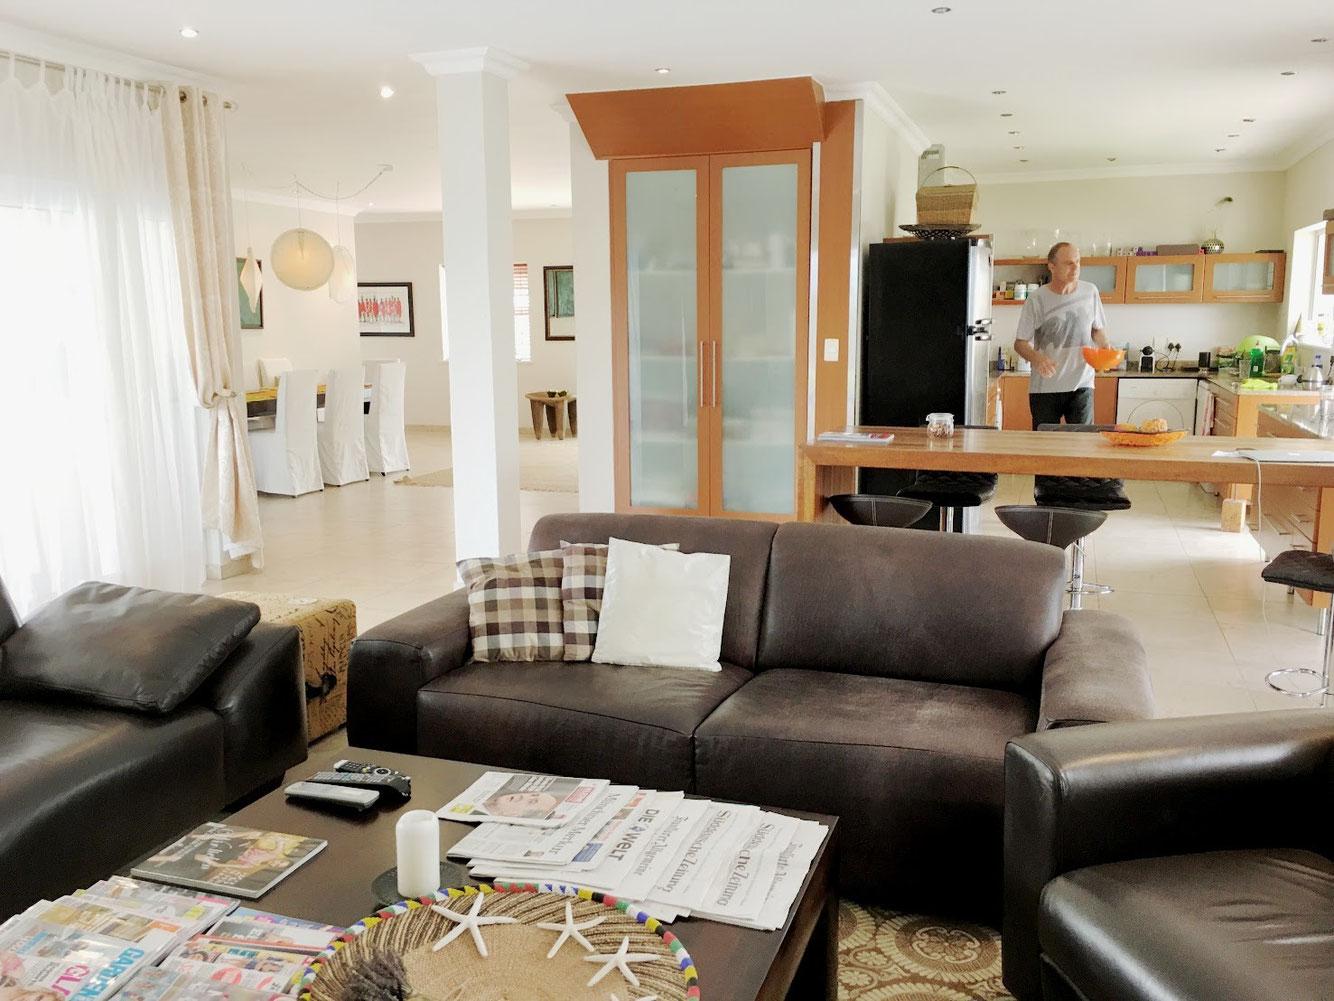 Ferienhaus Kleinberger. Der fließende Übergang vom Wohnzimmer in den Essbereich und in die Küche setzt sich bewusst auch in diese Richtung fort.